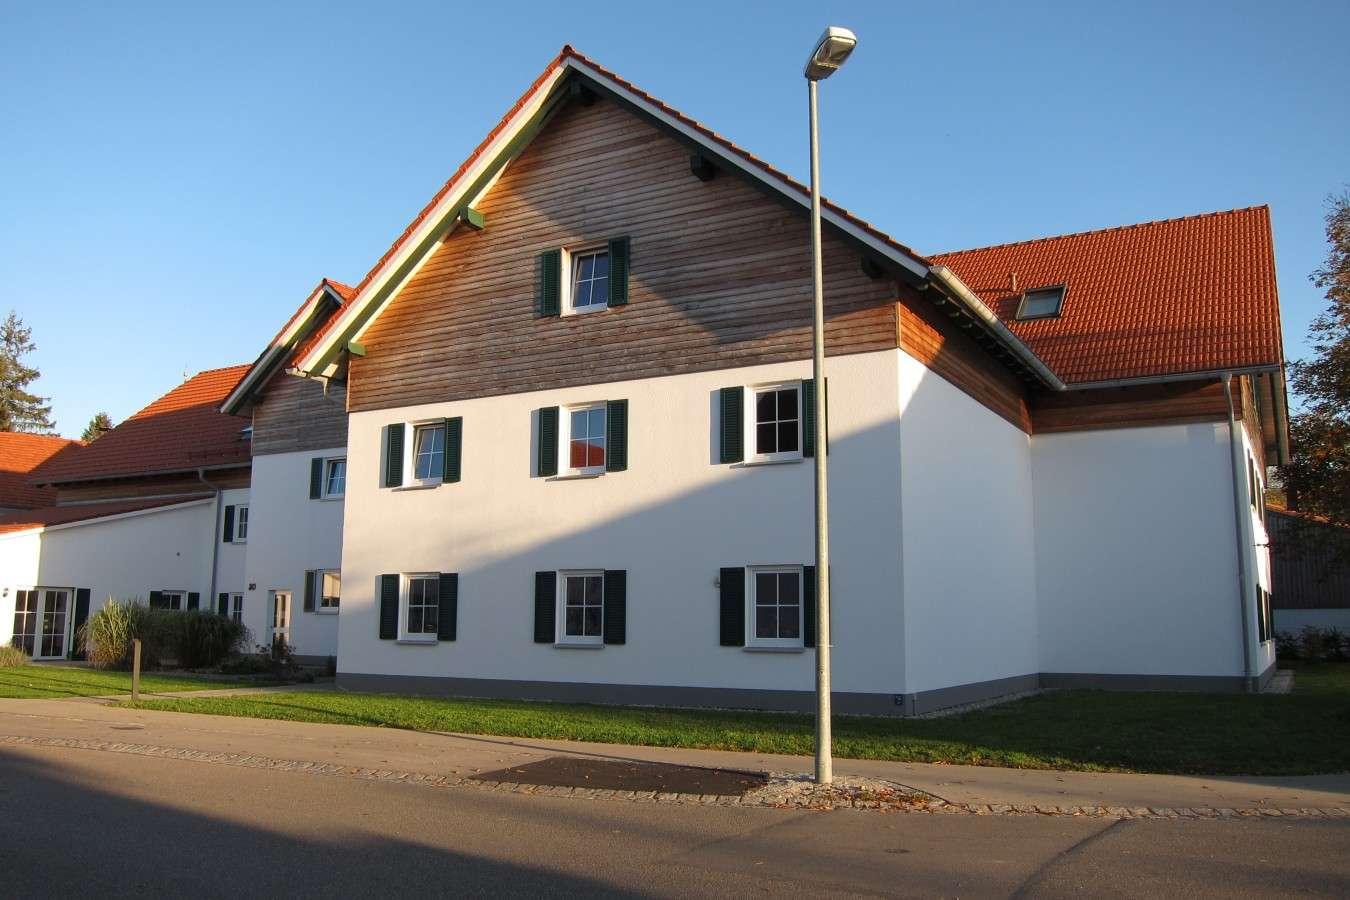 Exklusive, helle und neuwertige 2-Zimmer-Wohnung in Fuchstal/Asch (Bezugsalter min. 55 Jahre) in